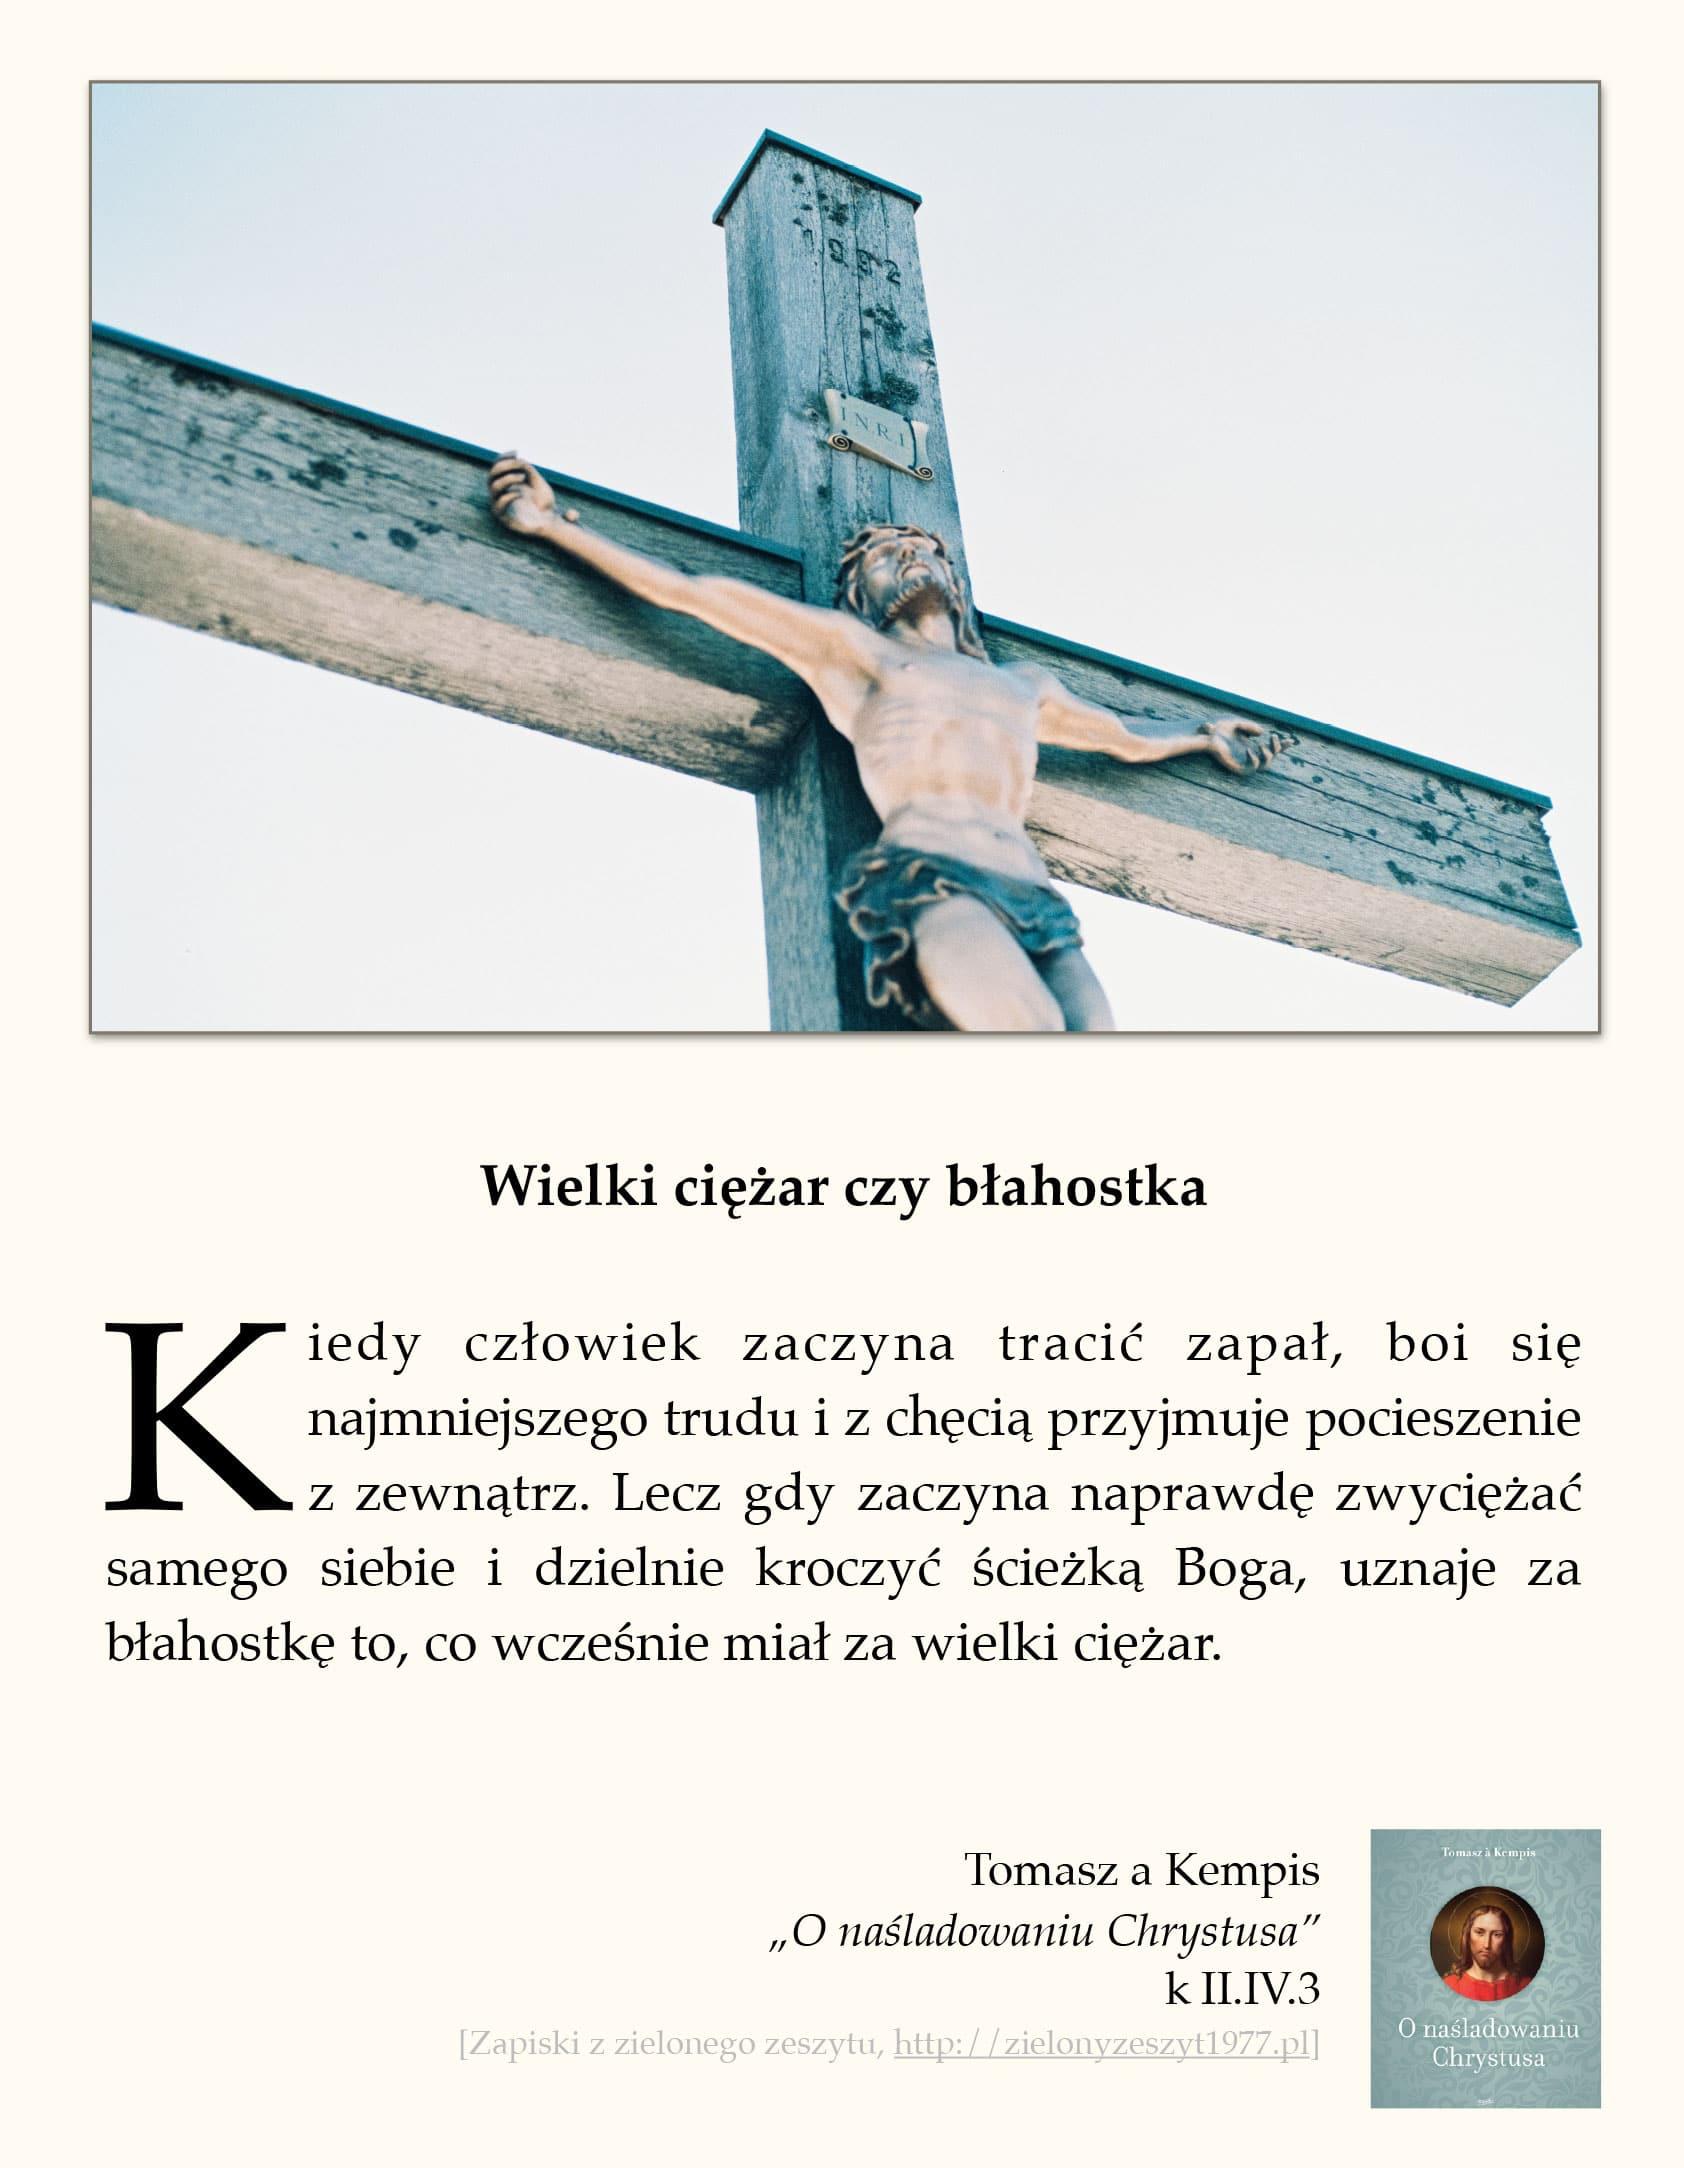 """Tomasz a Kempis, """"O naśladowaniu Chrystusa"""", k II.IV.3 (Wielki ciężar czy błahostka)"""